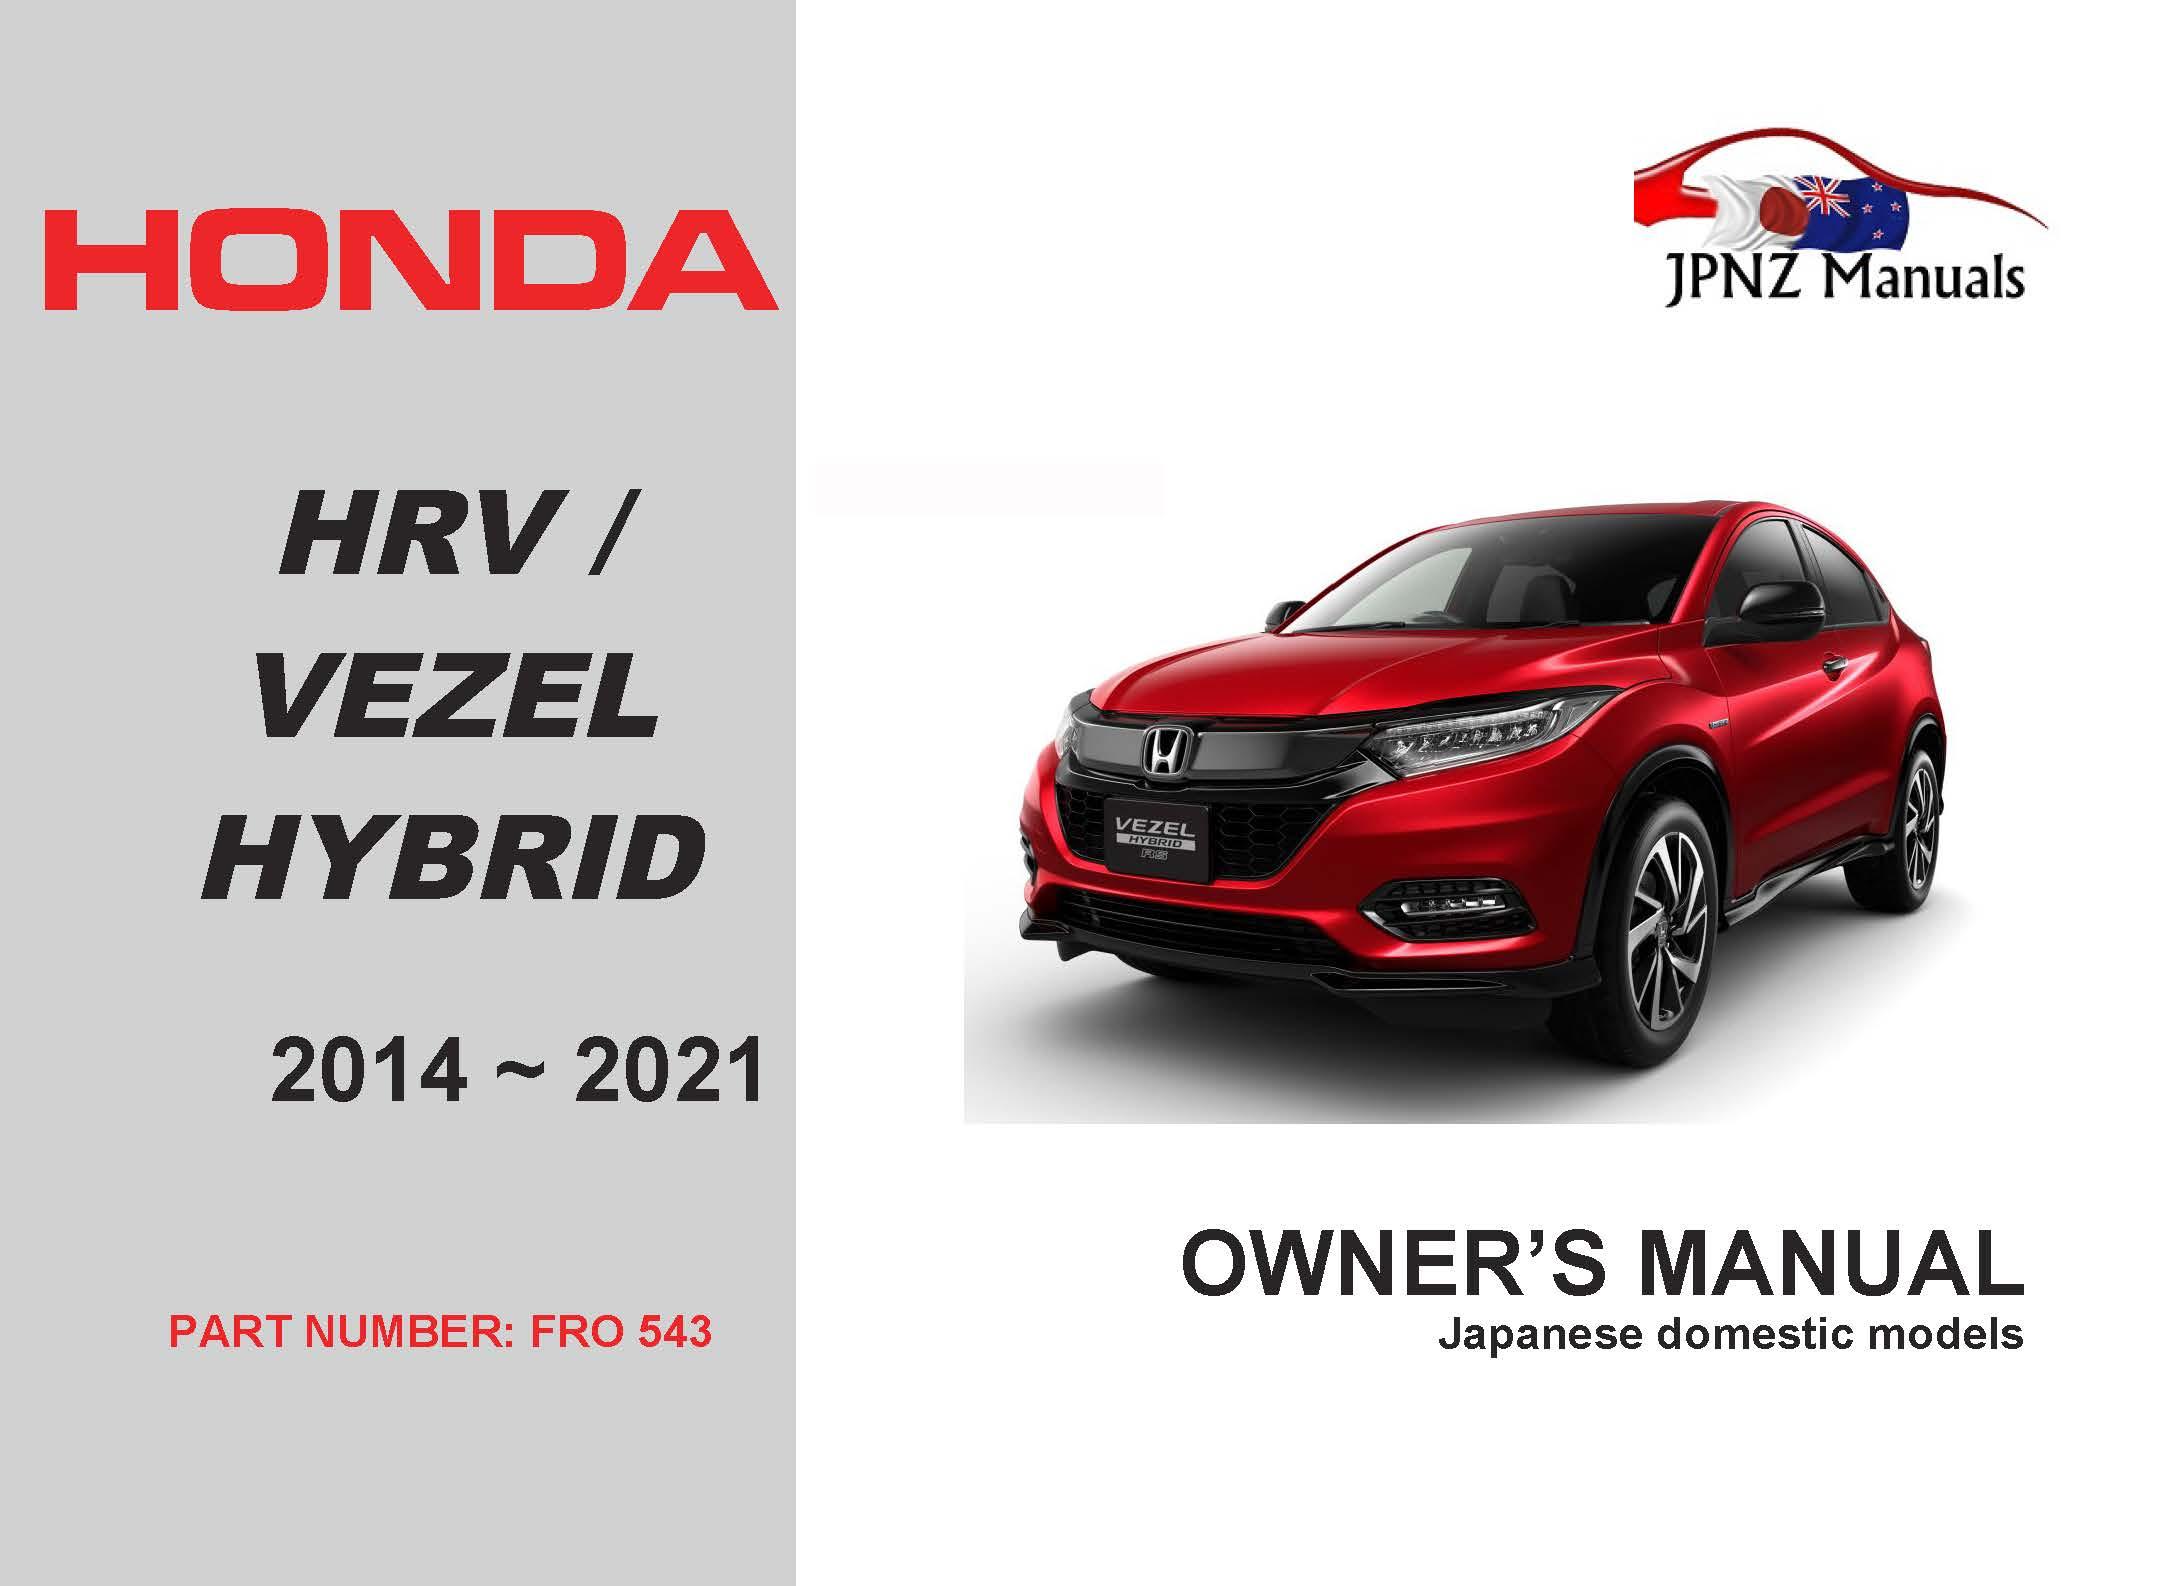 Honda – HR-V HRV / VEZEL Hybrid car owners user manual in English   2014 – 2021